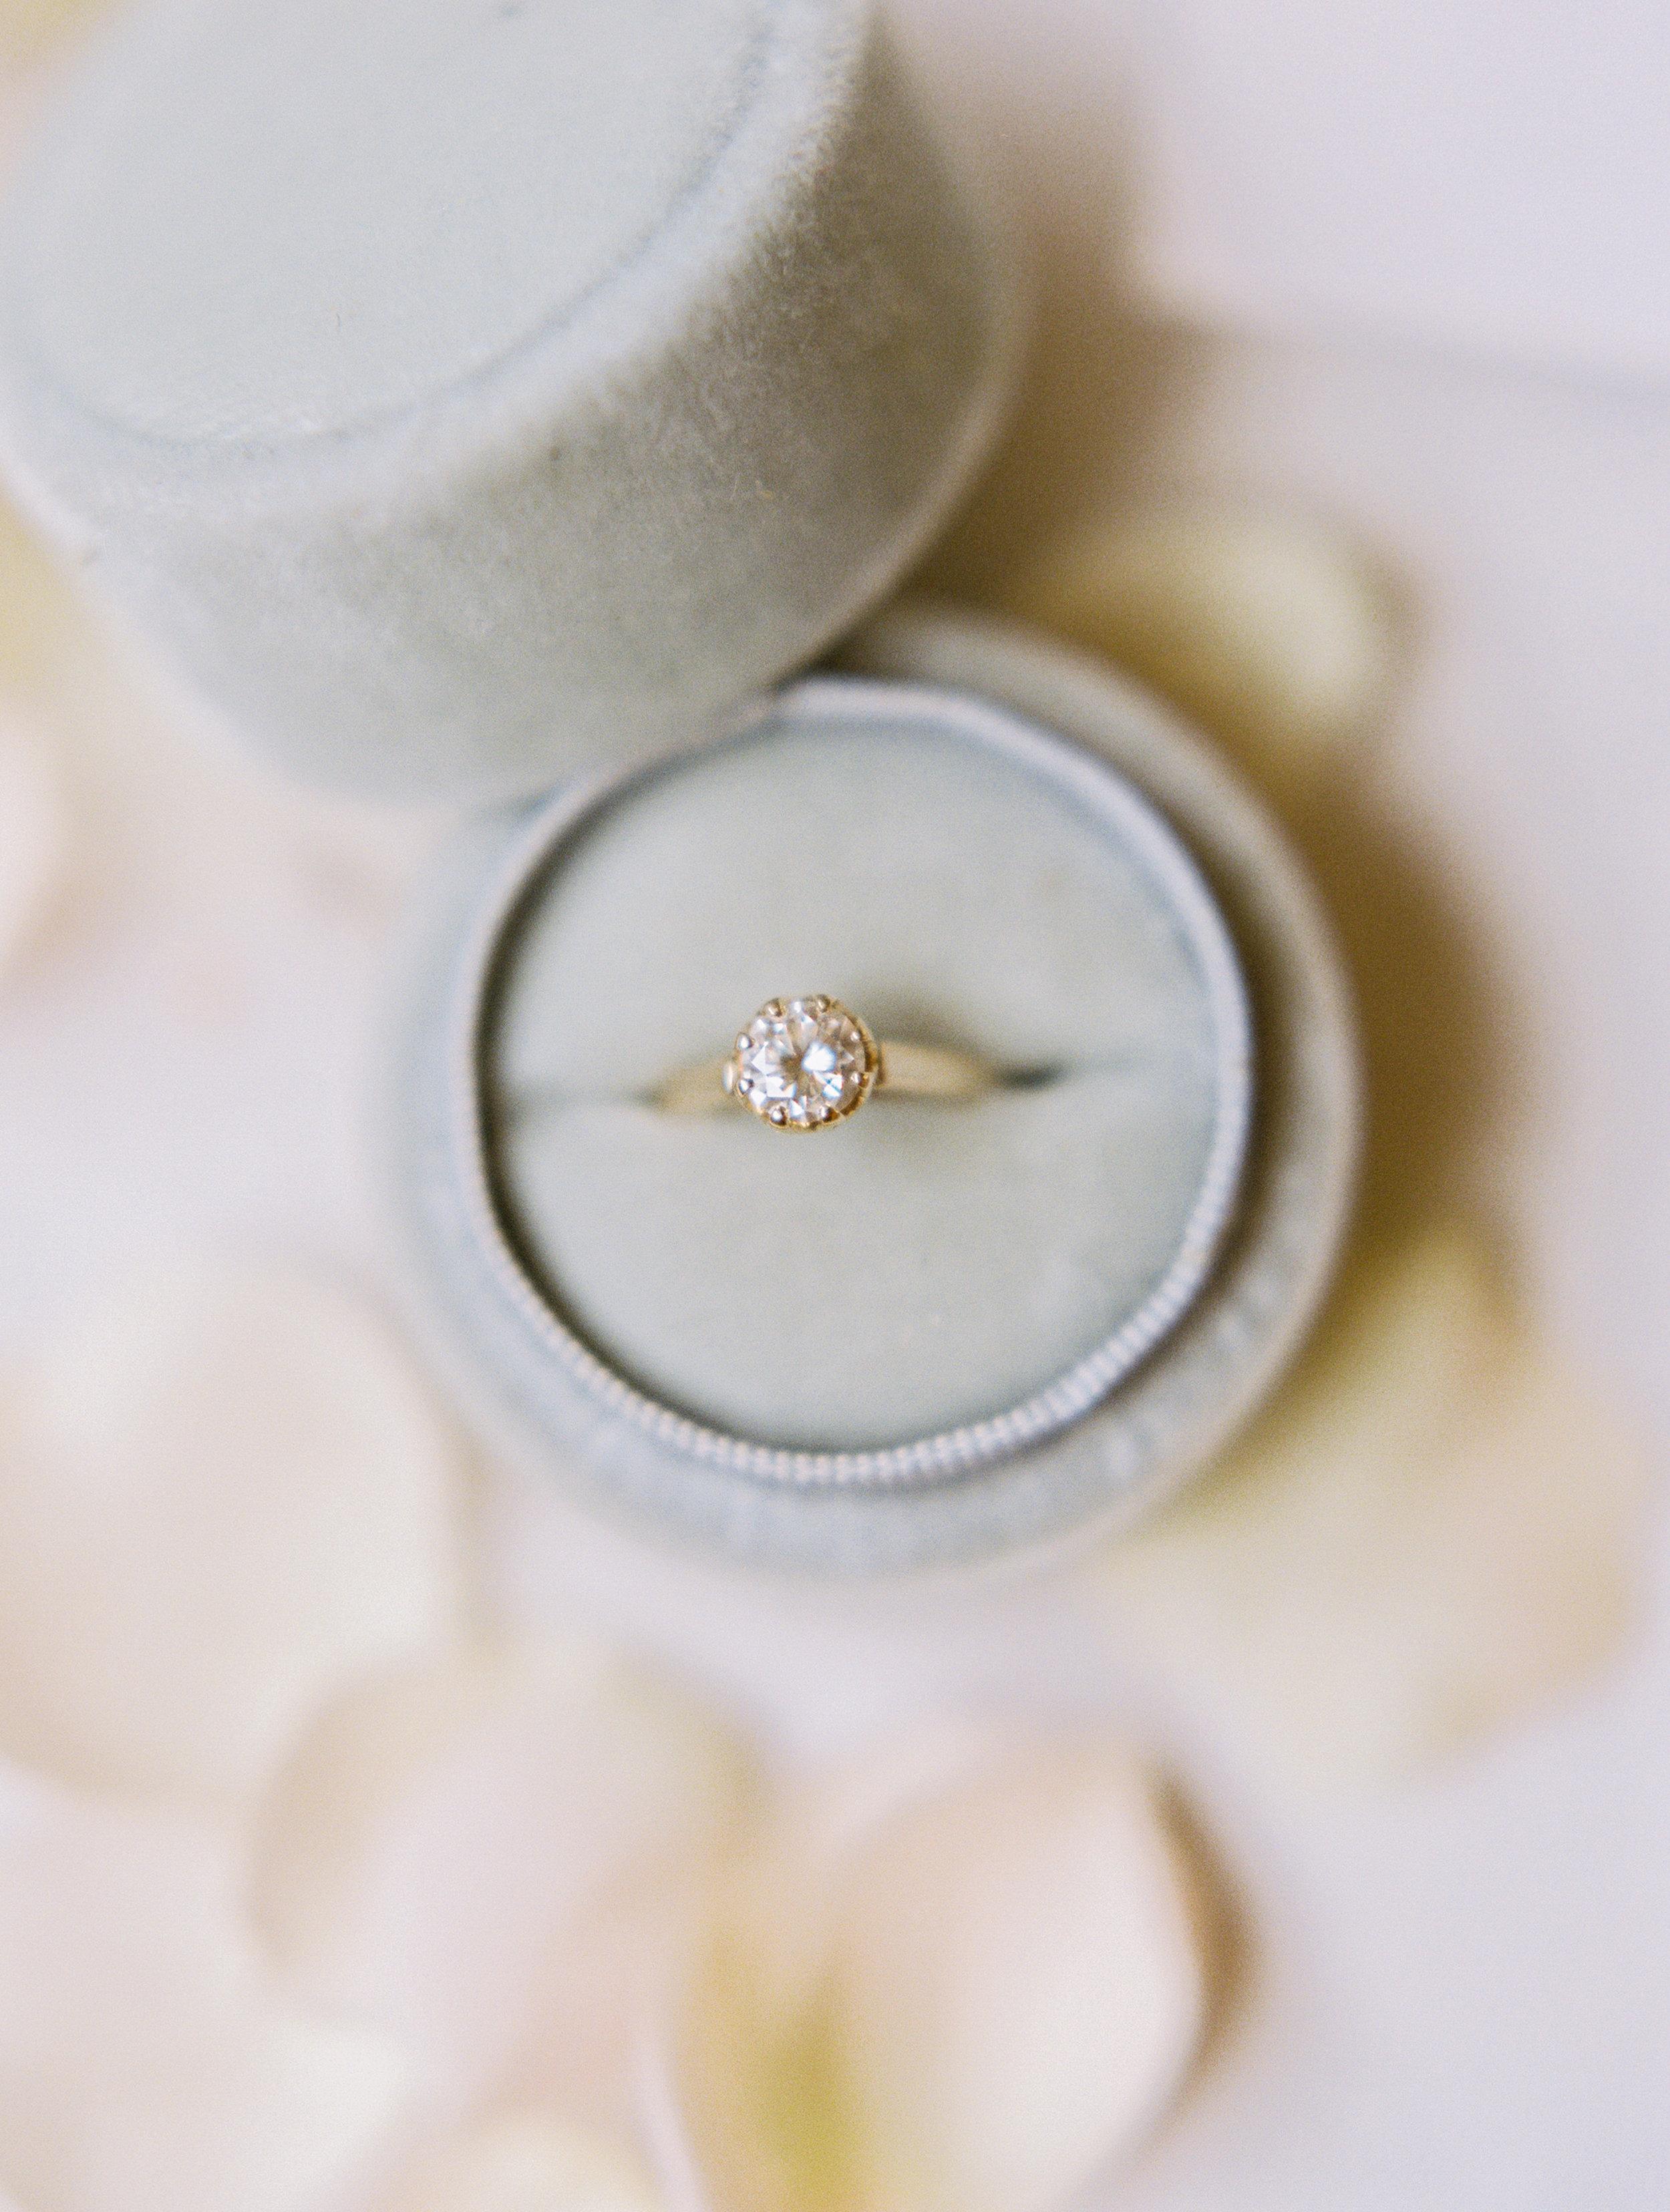 Steiner+Wedding+Details-50.jpg